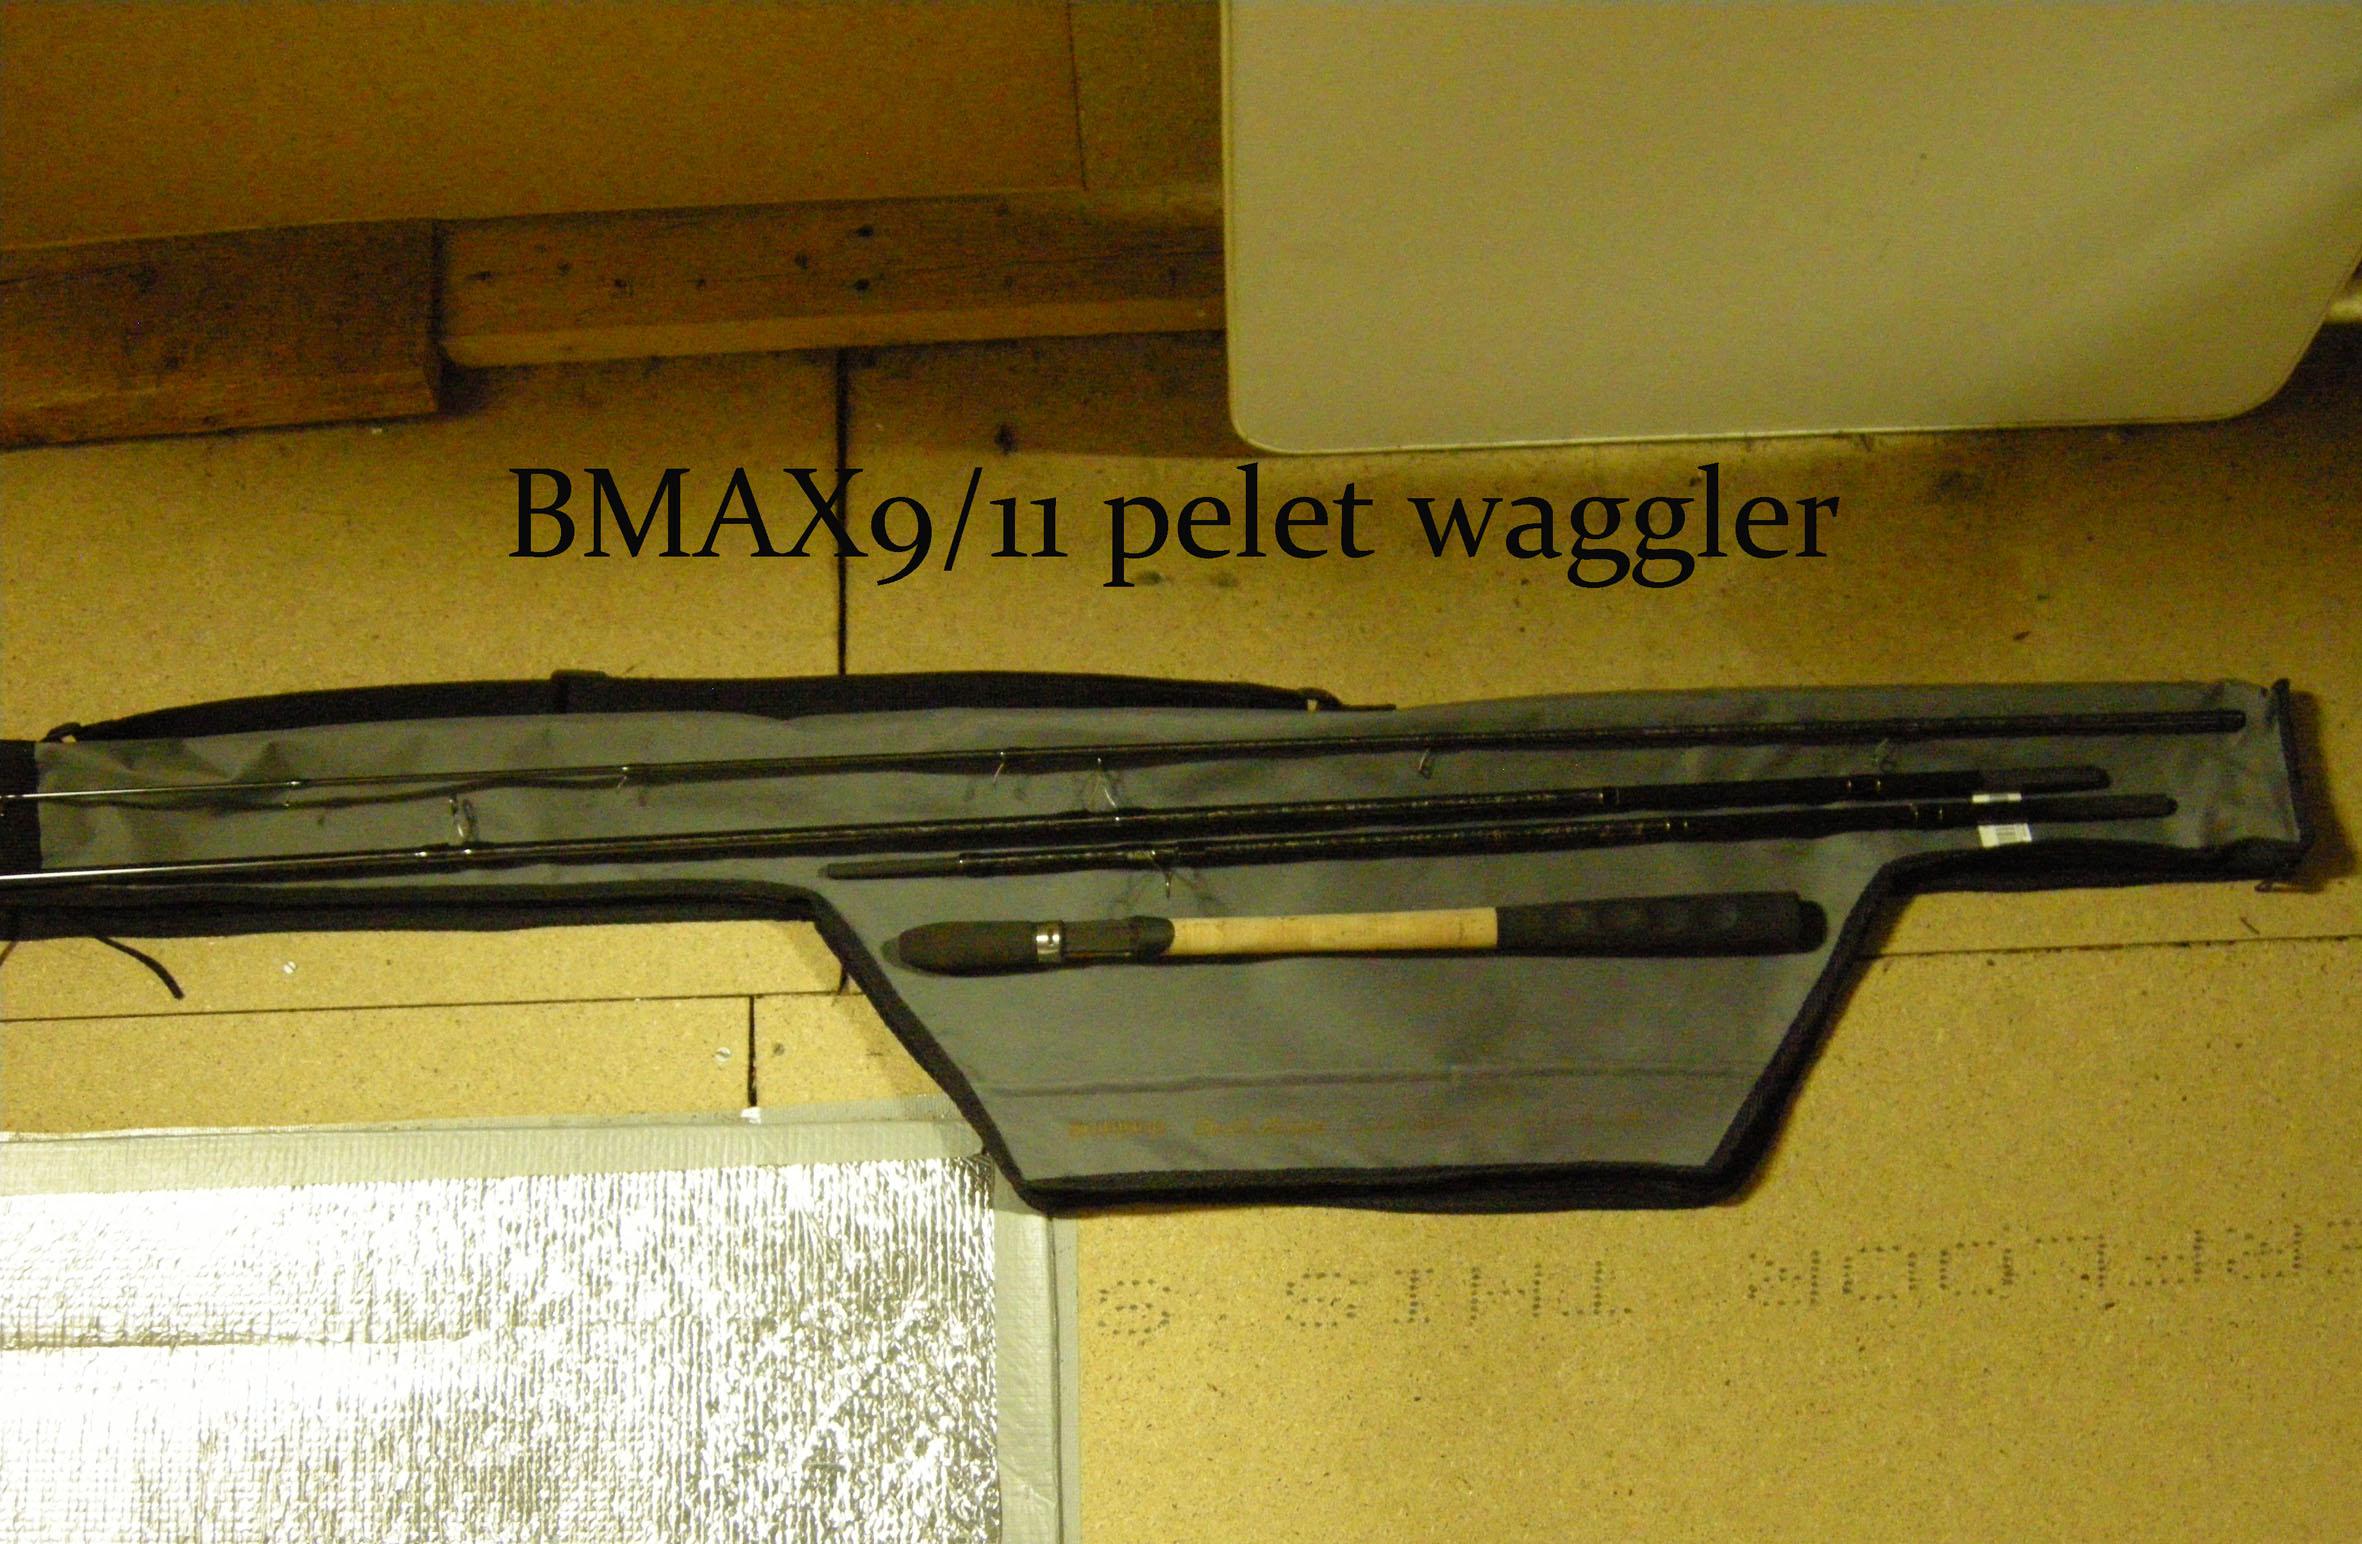 Beast Master  BMA 9  11 pellet waggler.jpg